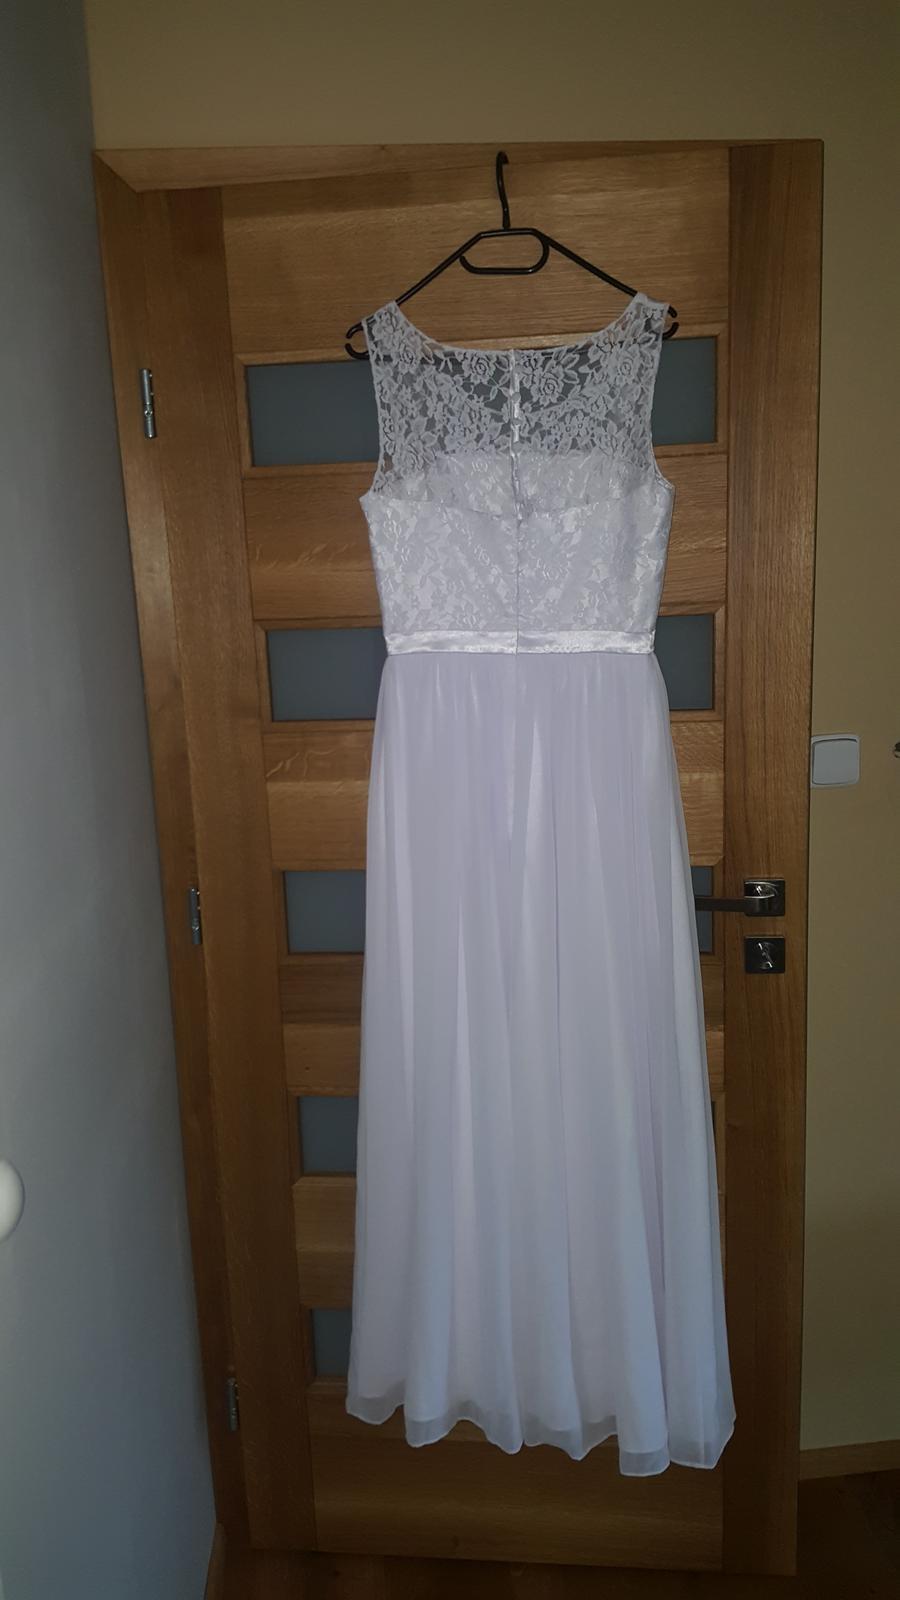 Svatební šaty (nepoužité) - Obrázek č. 1